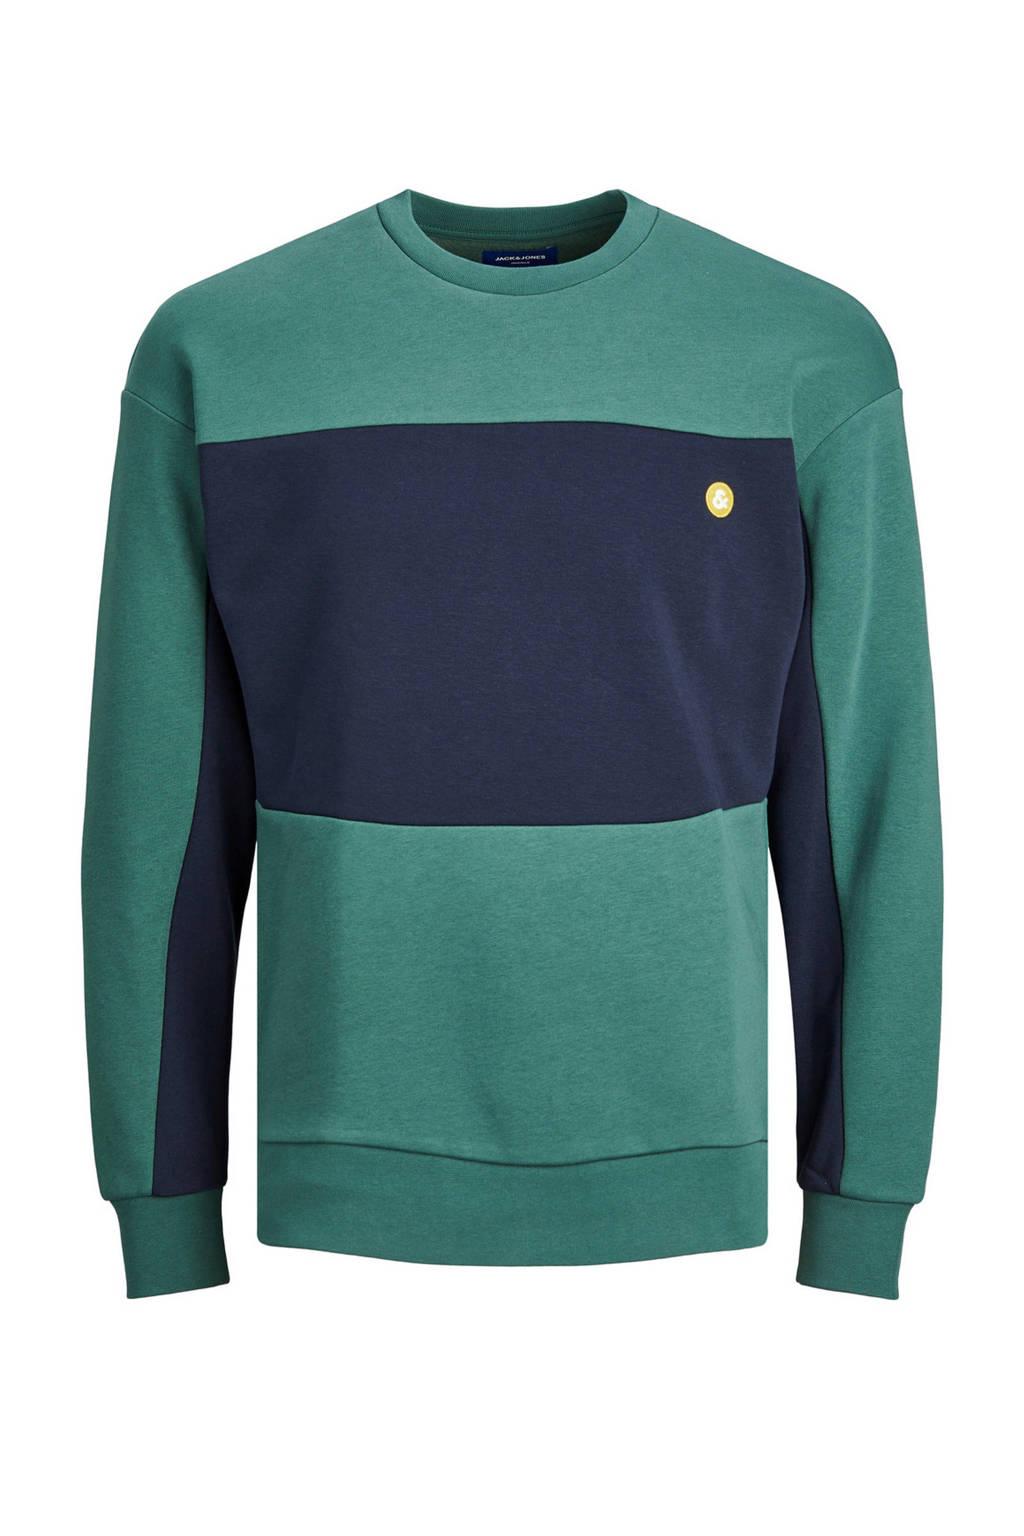 JACK & JONES ORIGINALS sweater groen/marine, Groen/marine